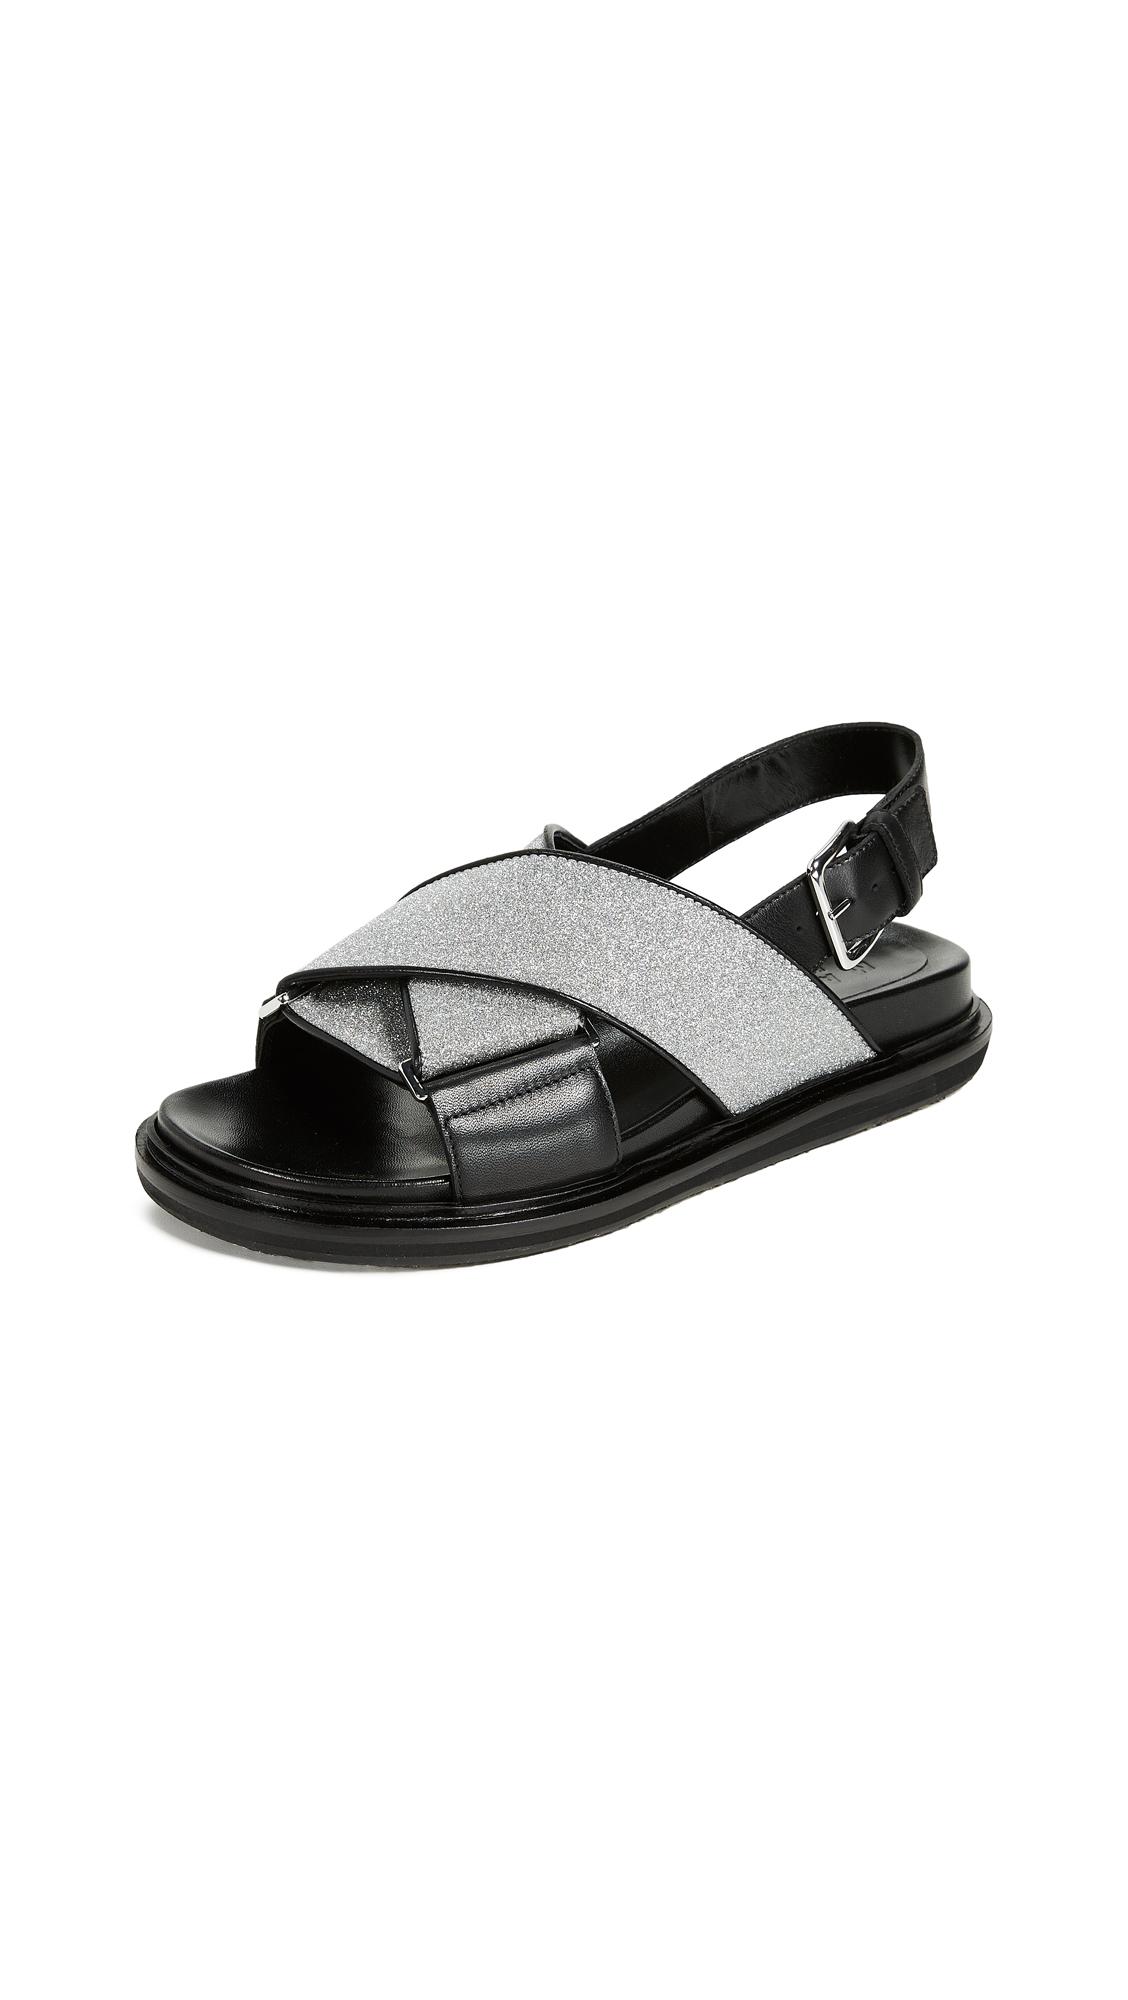 Marni Fussbett Sandals - Silver/Black